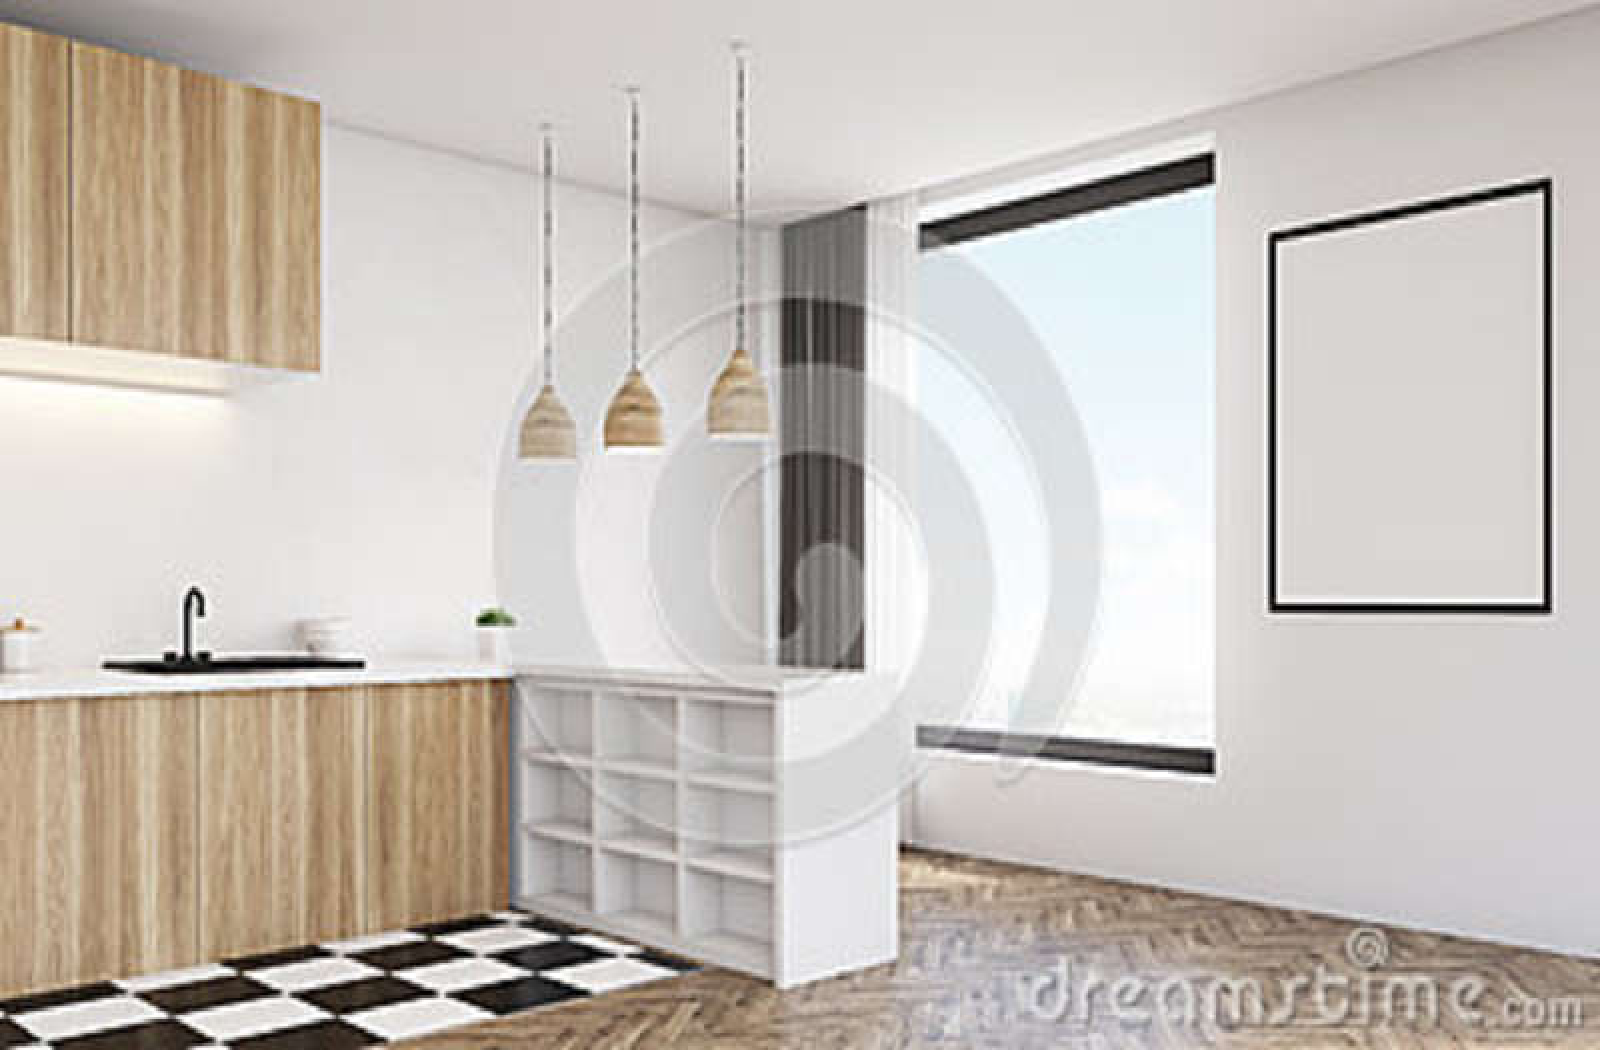 Moderne Keuken Lampen : Kant veiw van moderne keuken met houten lamp stock illustratie